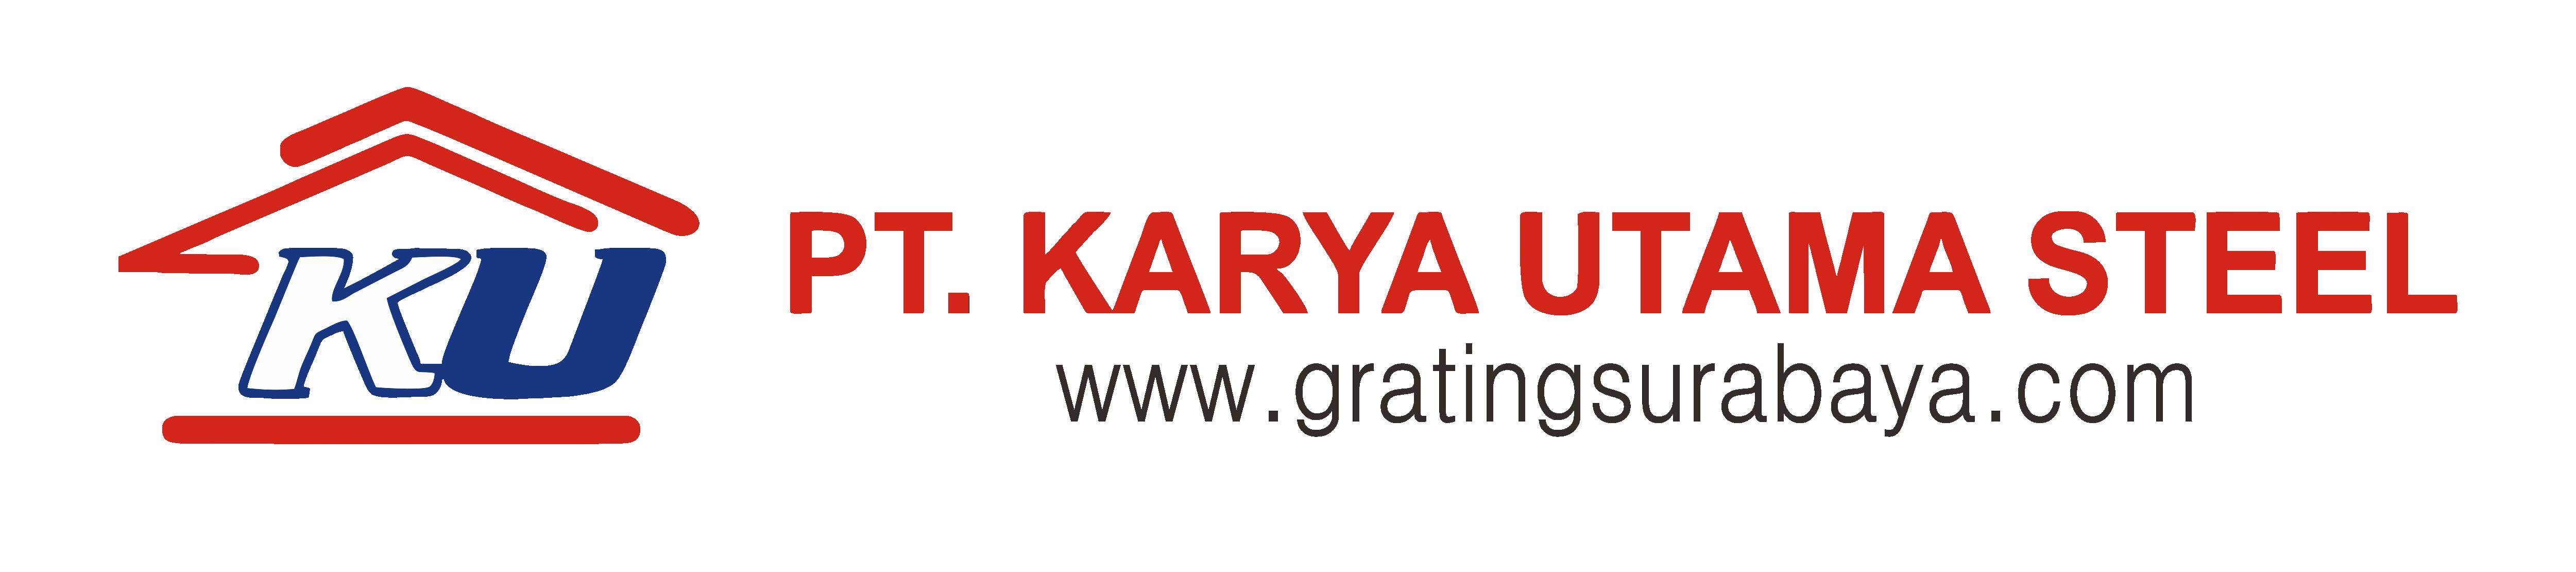 Jual Grating Steel Galvanis - Harga Murah Surabaya Ready Stock